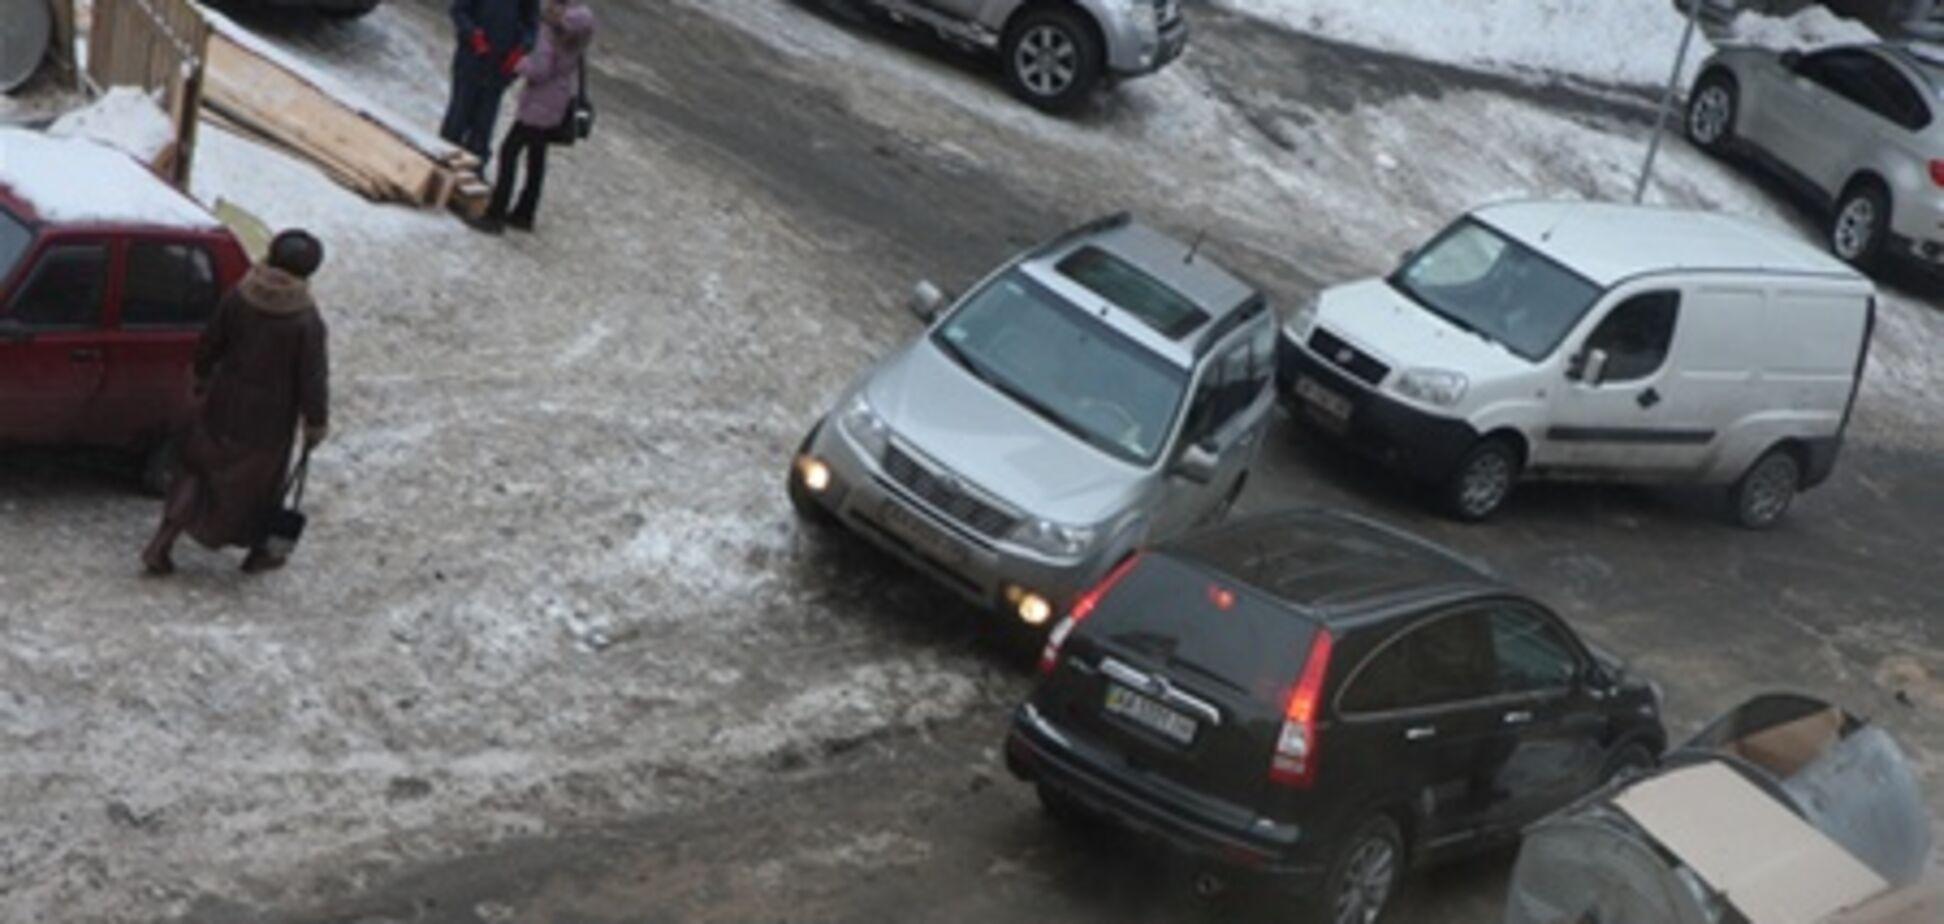 Ситуация на дорогах 11 января: 59 ДТП, 13 погибших